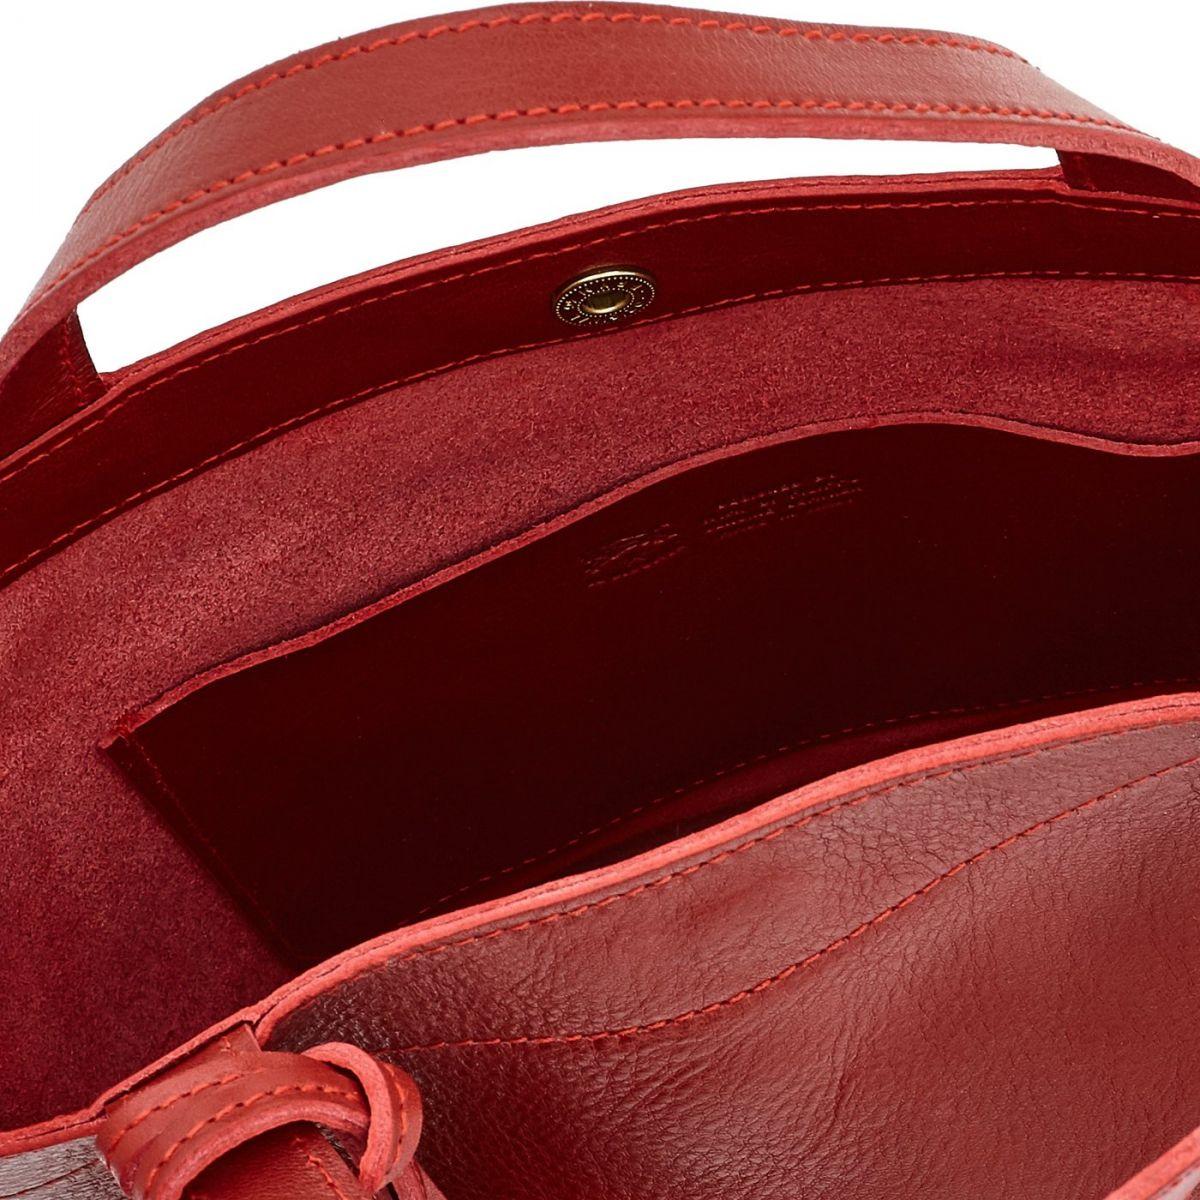 Cristina - Borsa A Mano da Donna in Doppia Pelle Di Vacchetta colore Rosso - Linea Stibbert BTH045 | Details